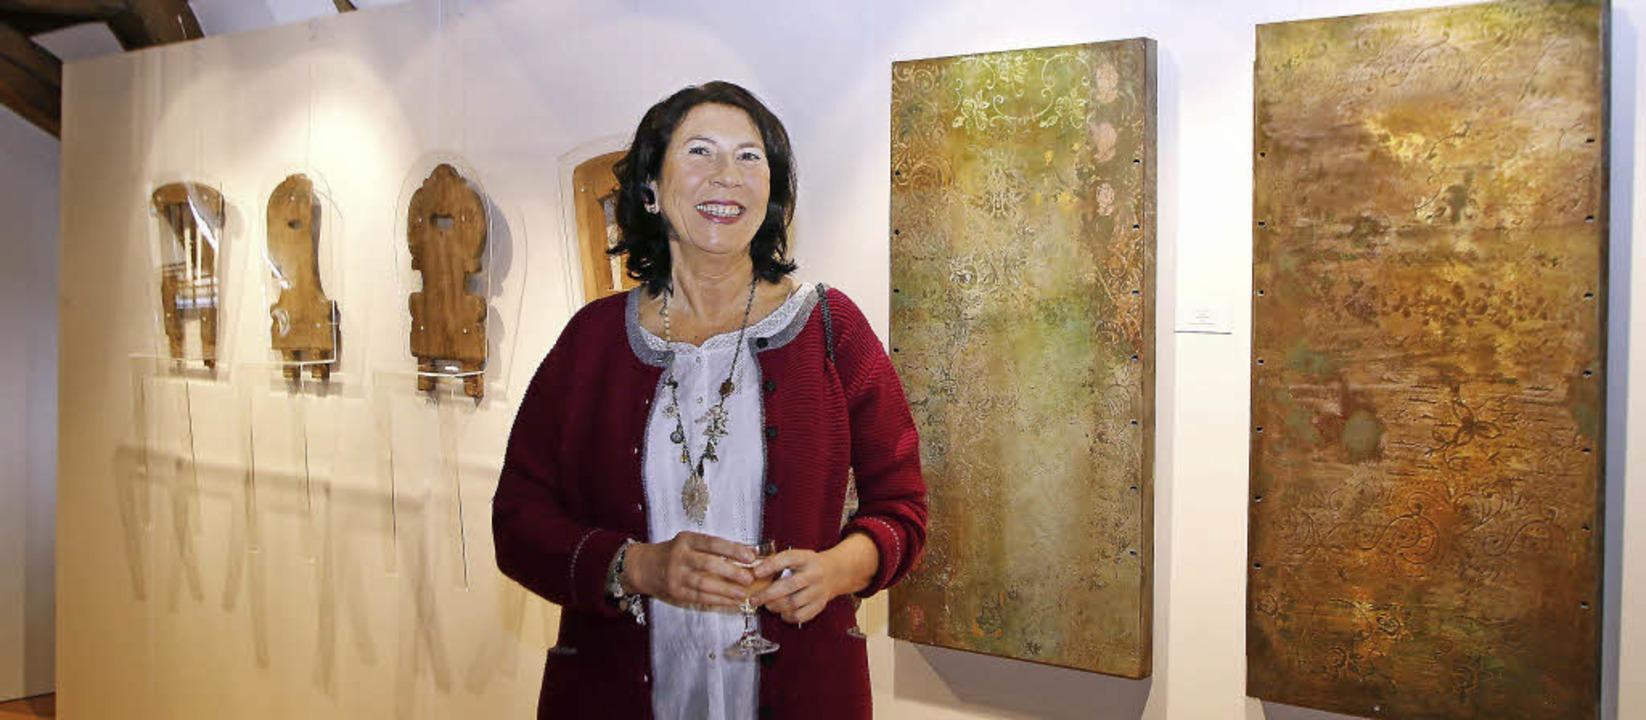 Dorothea Panhuyzens Sucherauge findet ... durch den Ausstellungskontext adelt.     Foto: Heidi Fößel